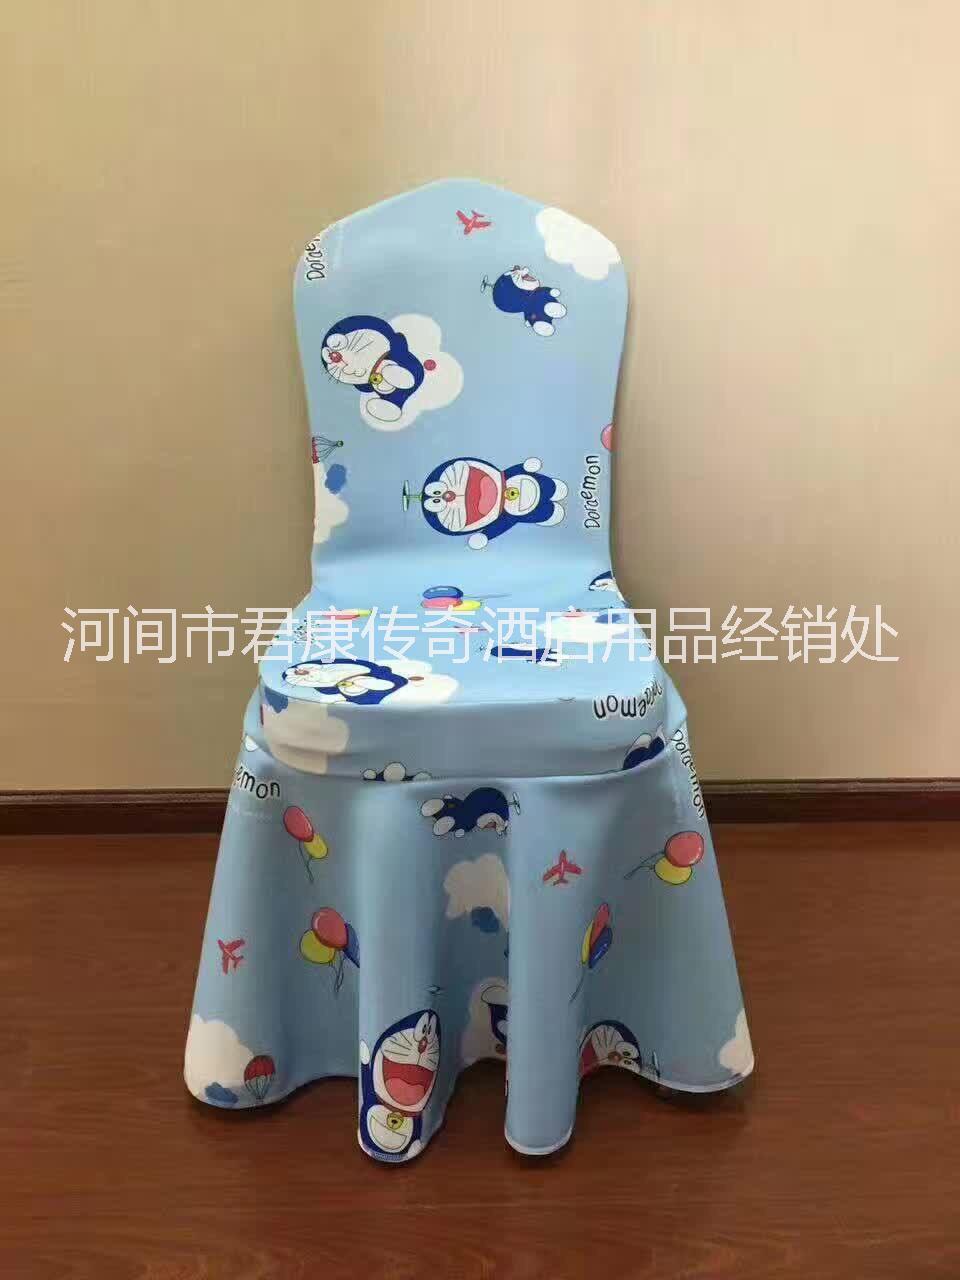 酒店台布椅套 蝴蝶结弹力椅套